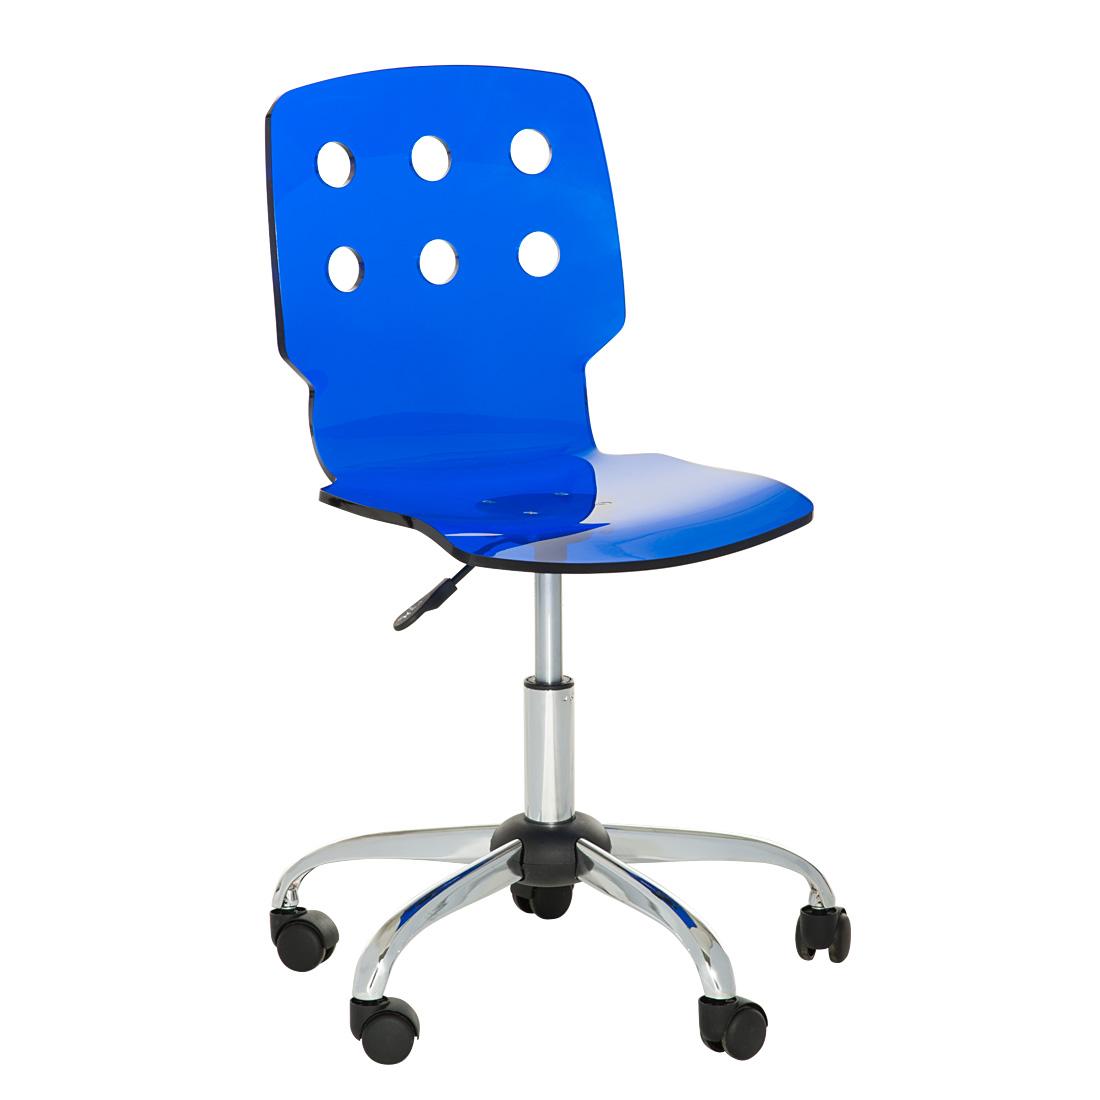 neu kinderdrehstuhl blau b rostuhl drehstuhl b ro stuhl schreibtischstuhl home24 ebay. Black Bedroom Furniture Sets. Home Design Ideas